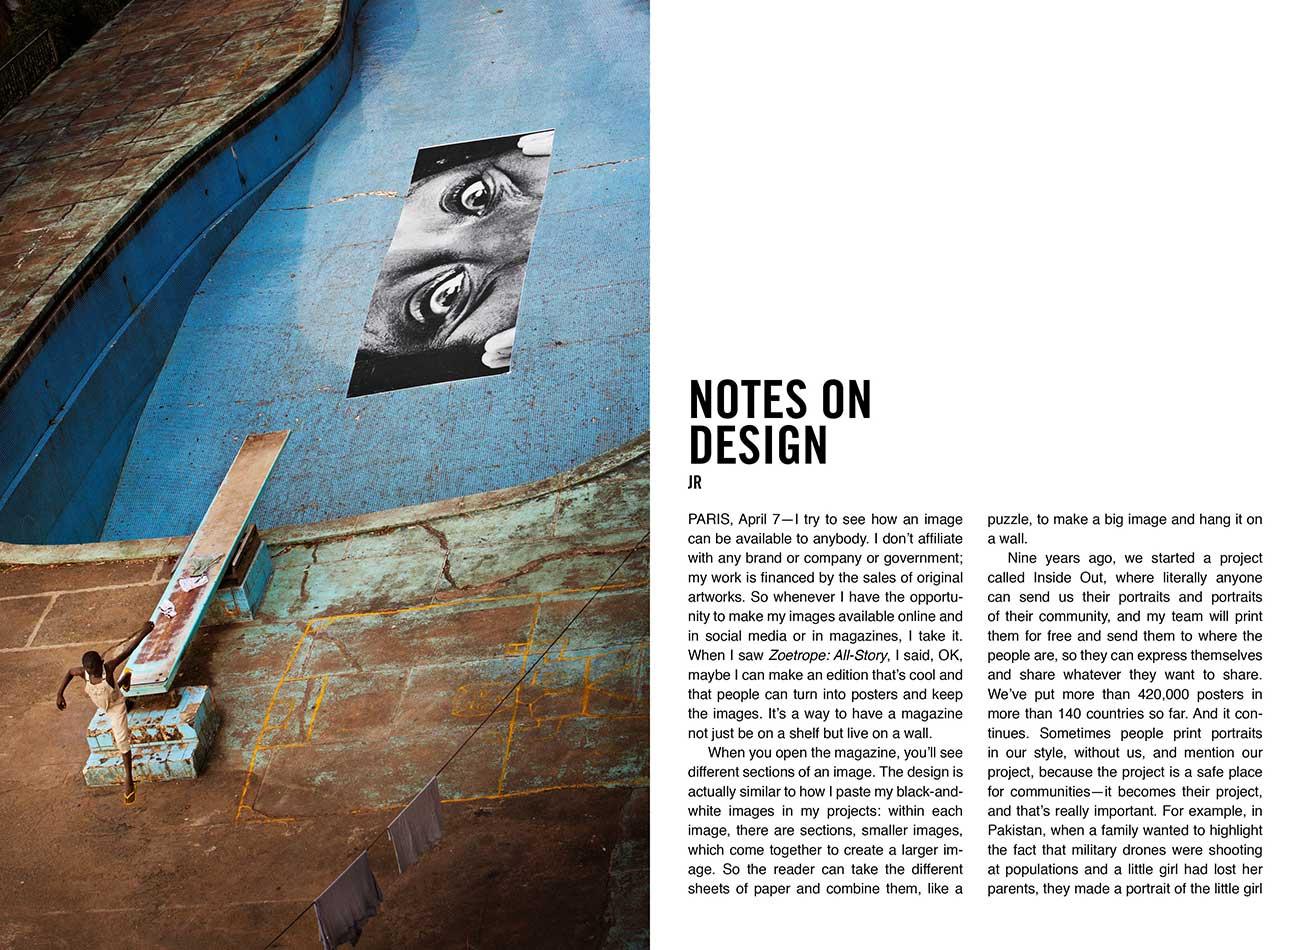 Story artwork by guest designer JR